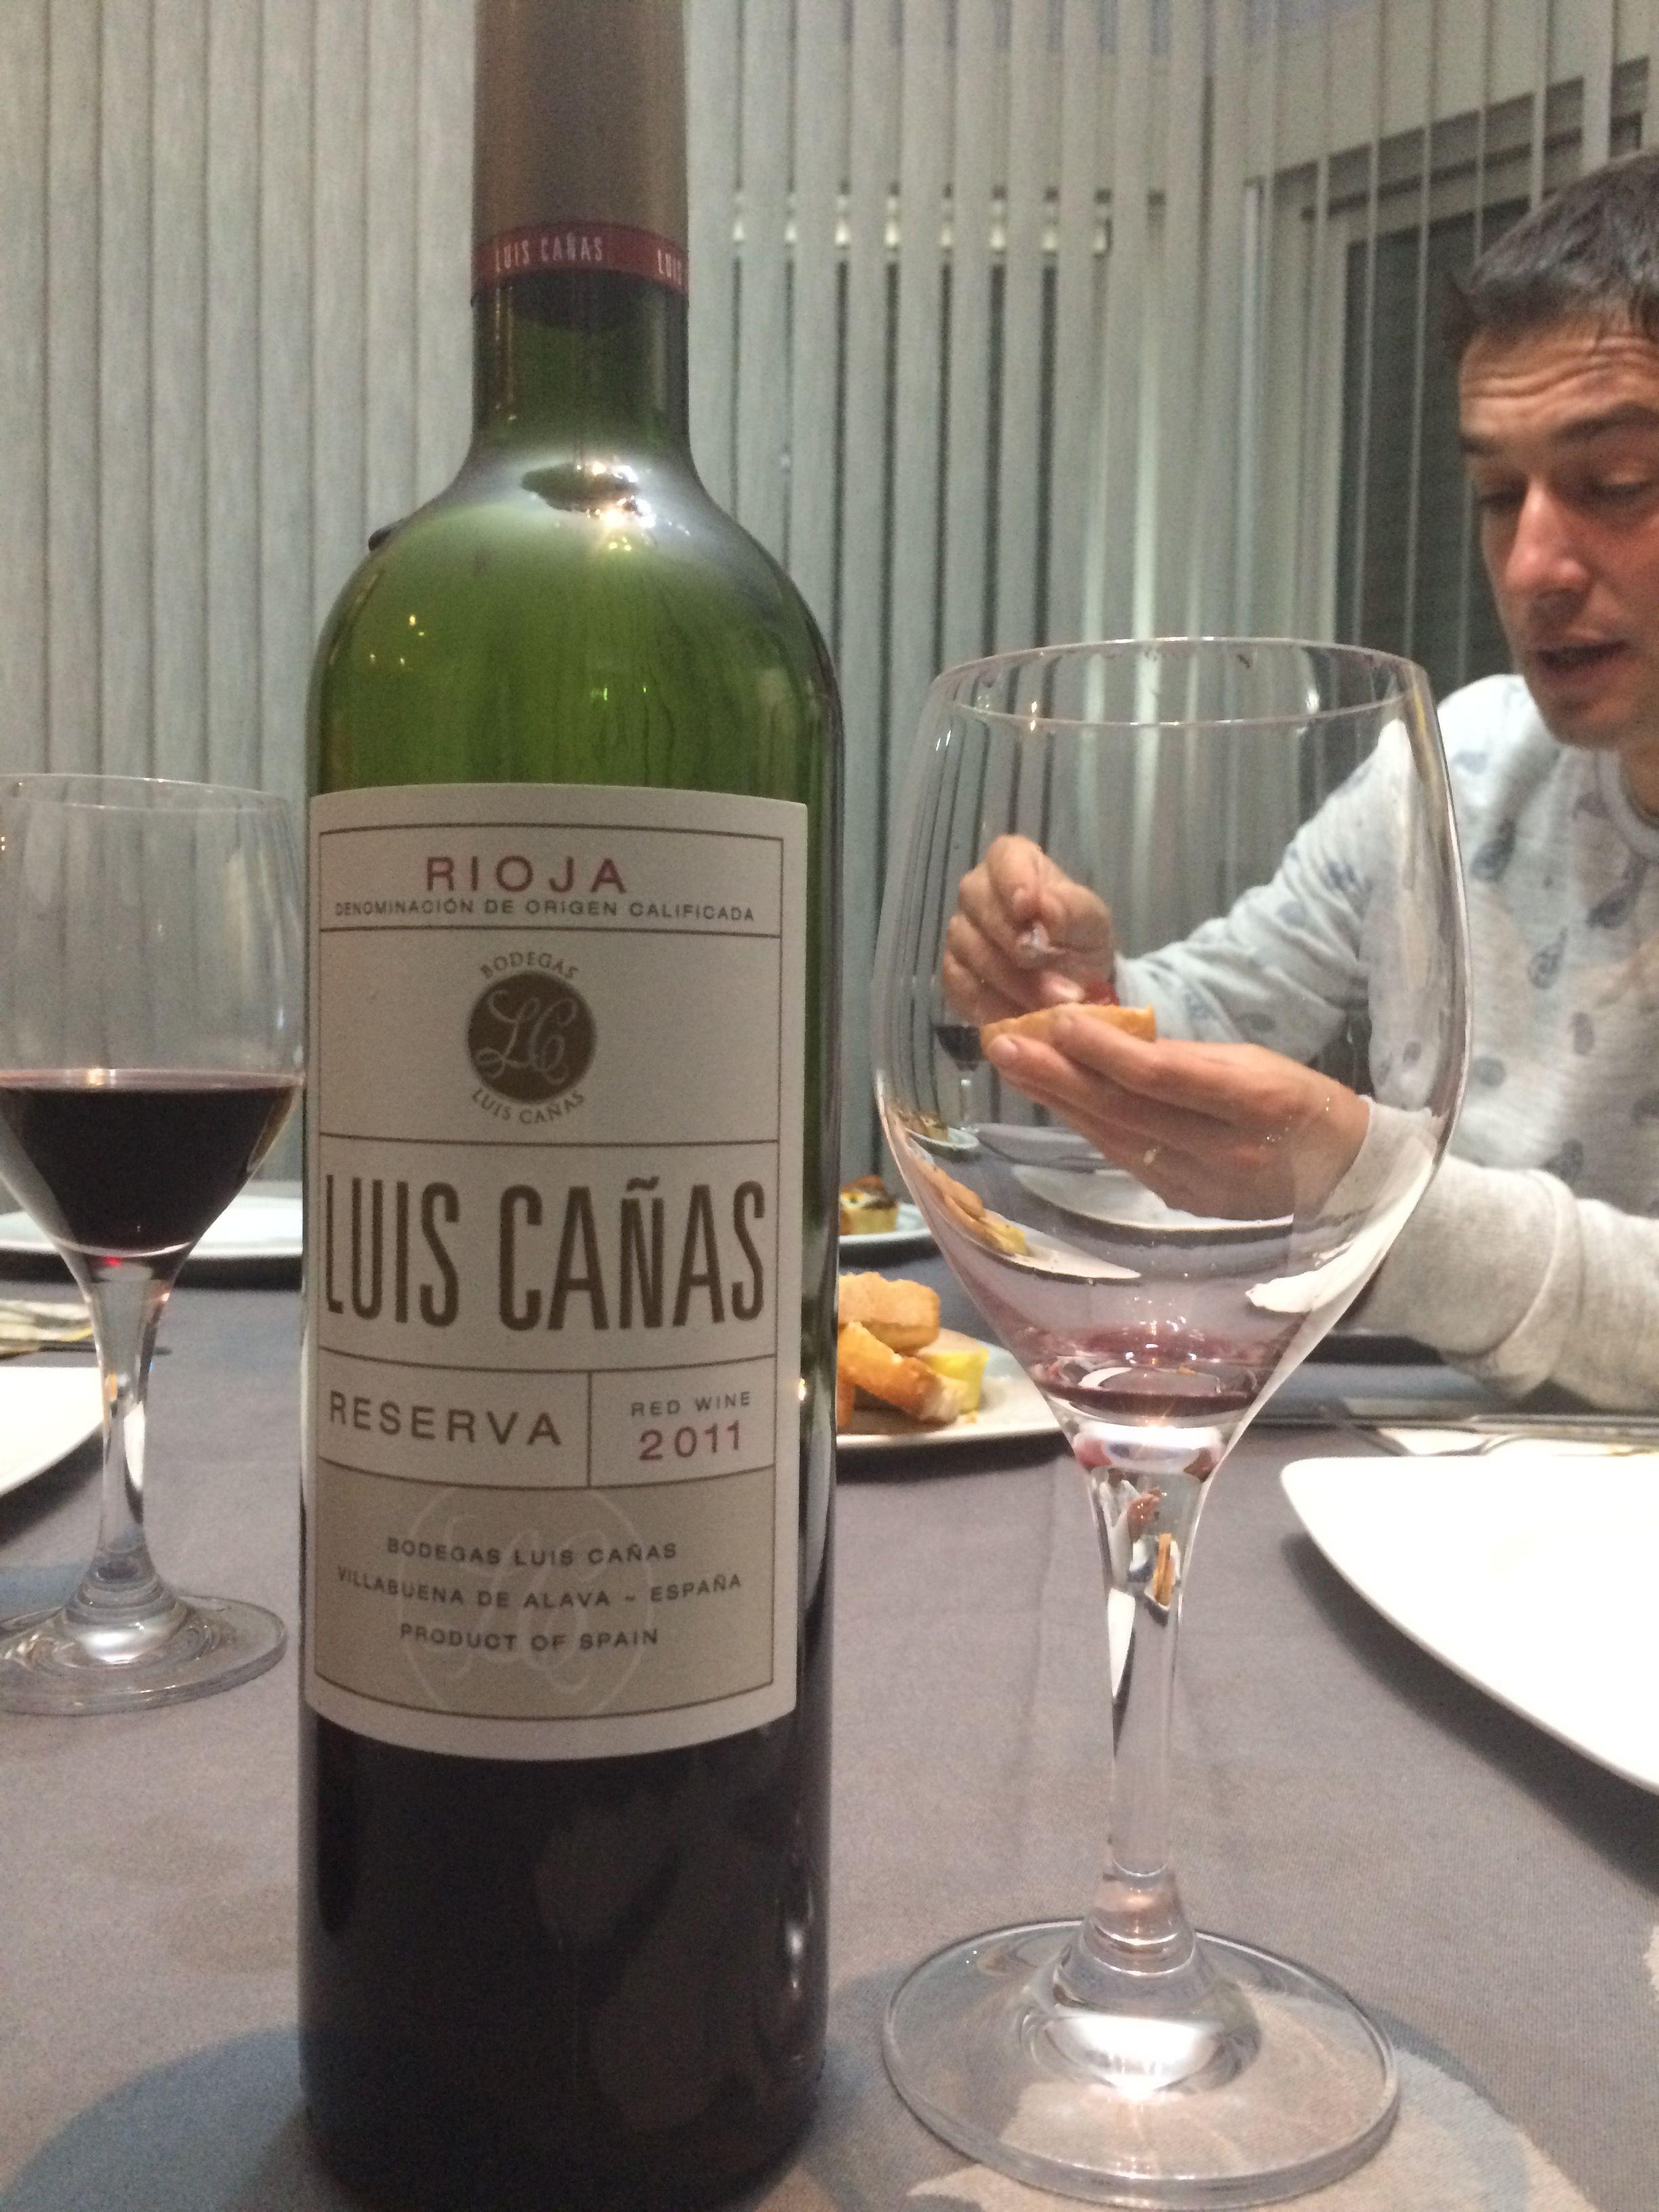 Luis Cañas Reserva 2011 Canas